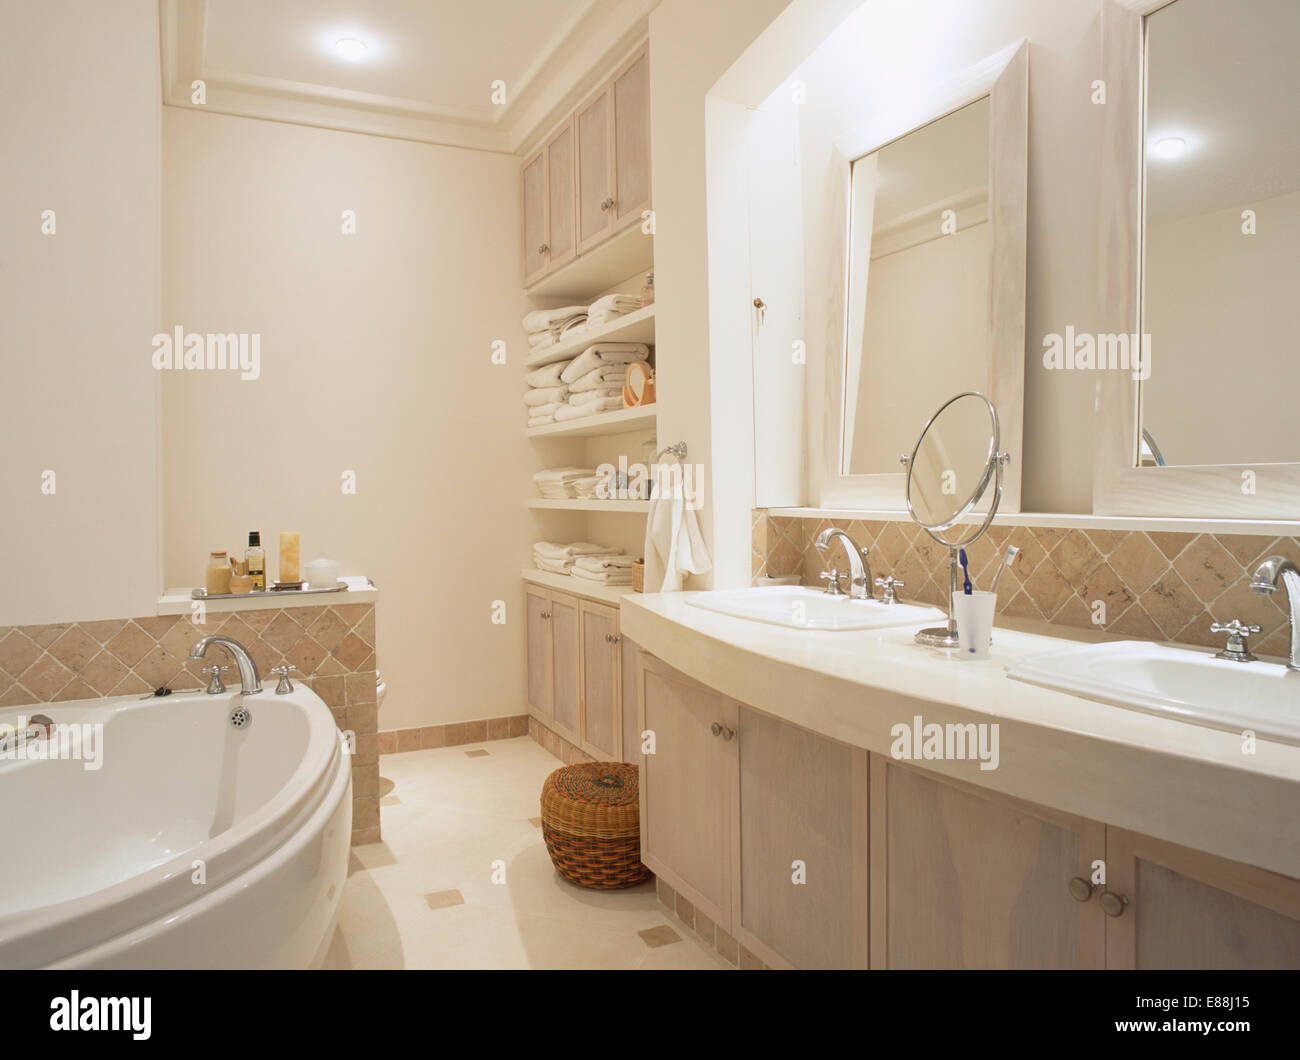 Spiegel über Doppelwaschbecken Waschtisch im modernen Badezimmer mit ...